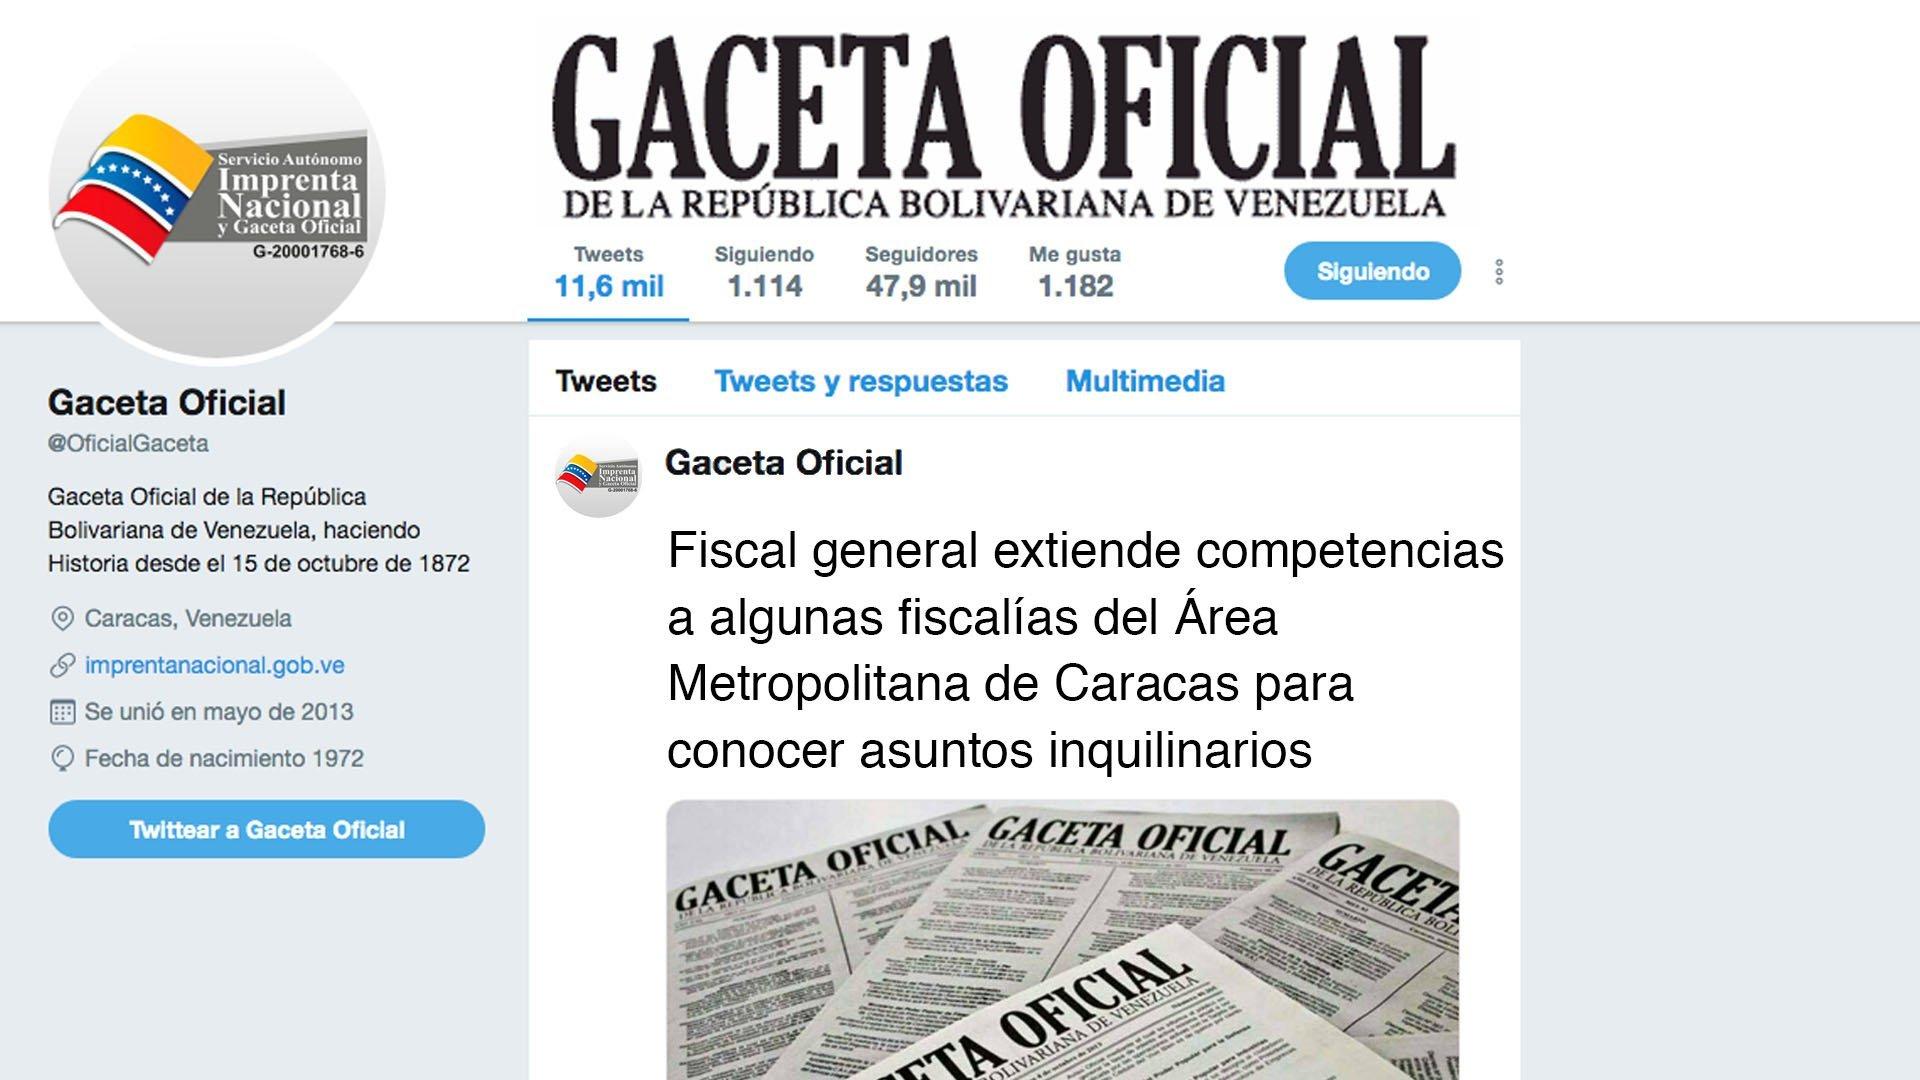 Fiscal general extiende competencias a algunas fiscalías del Área Metropolitana de Caracas para conocer asuntos inquilinarios